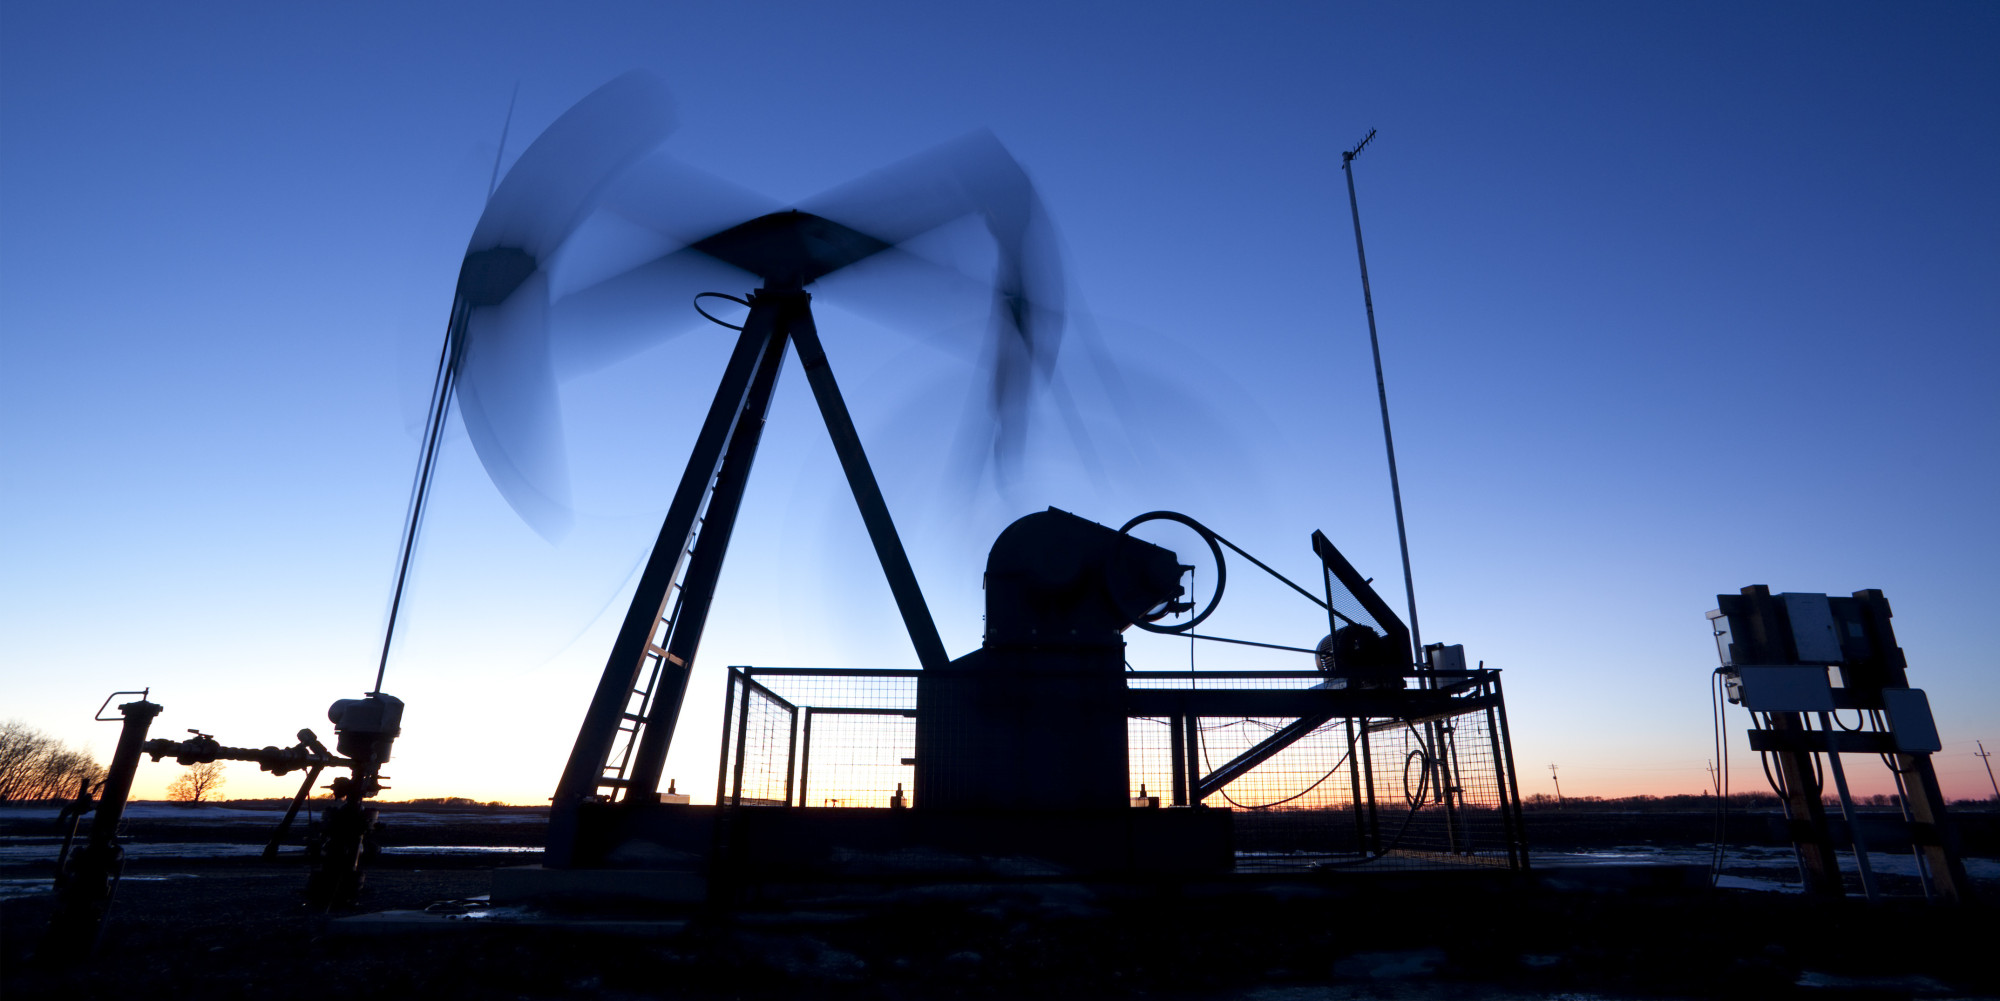 """O artigo """"Os desafios do licenciamento ambiental na indústria de óleo e gás"""" foi publicado na Revista Macaé Offshore"""